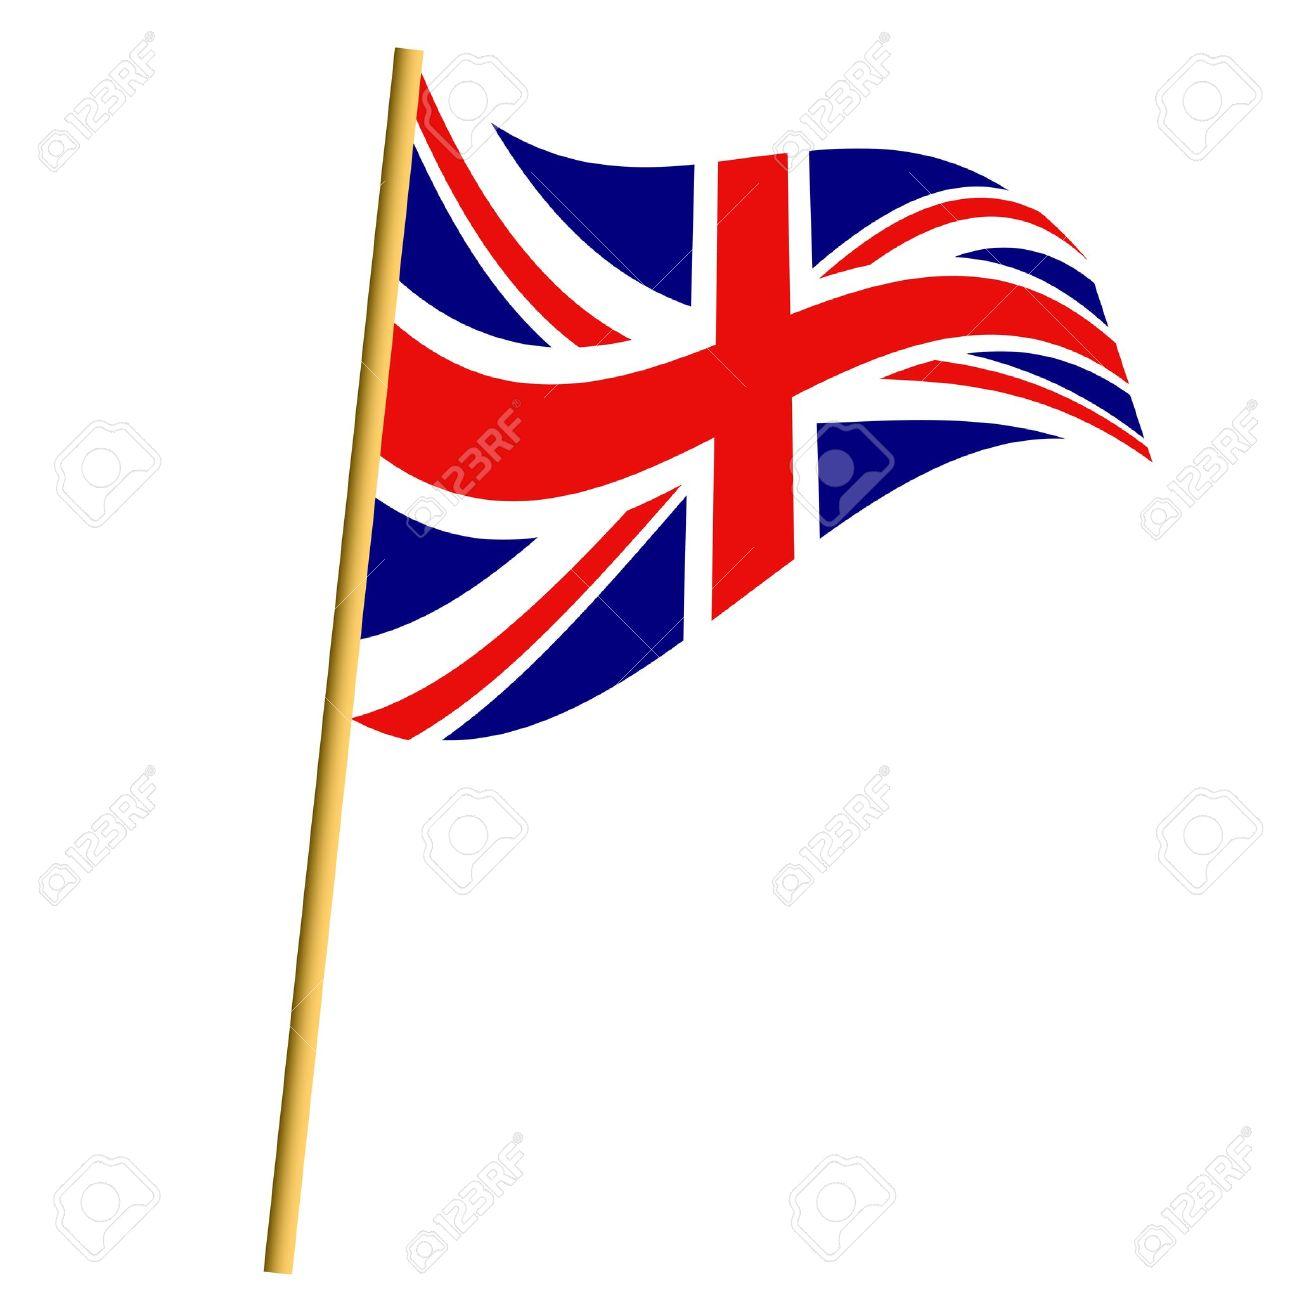 Clipart Union Jack Flag.